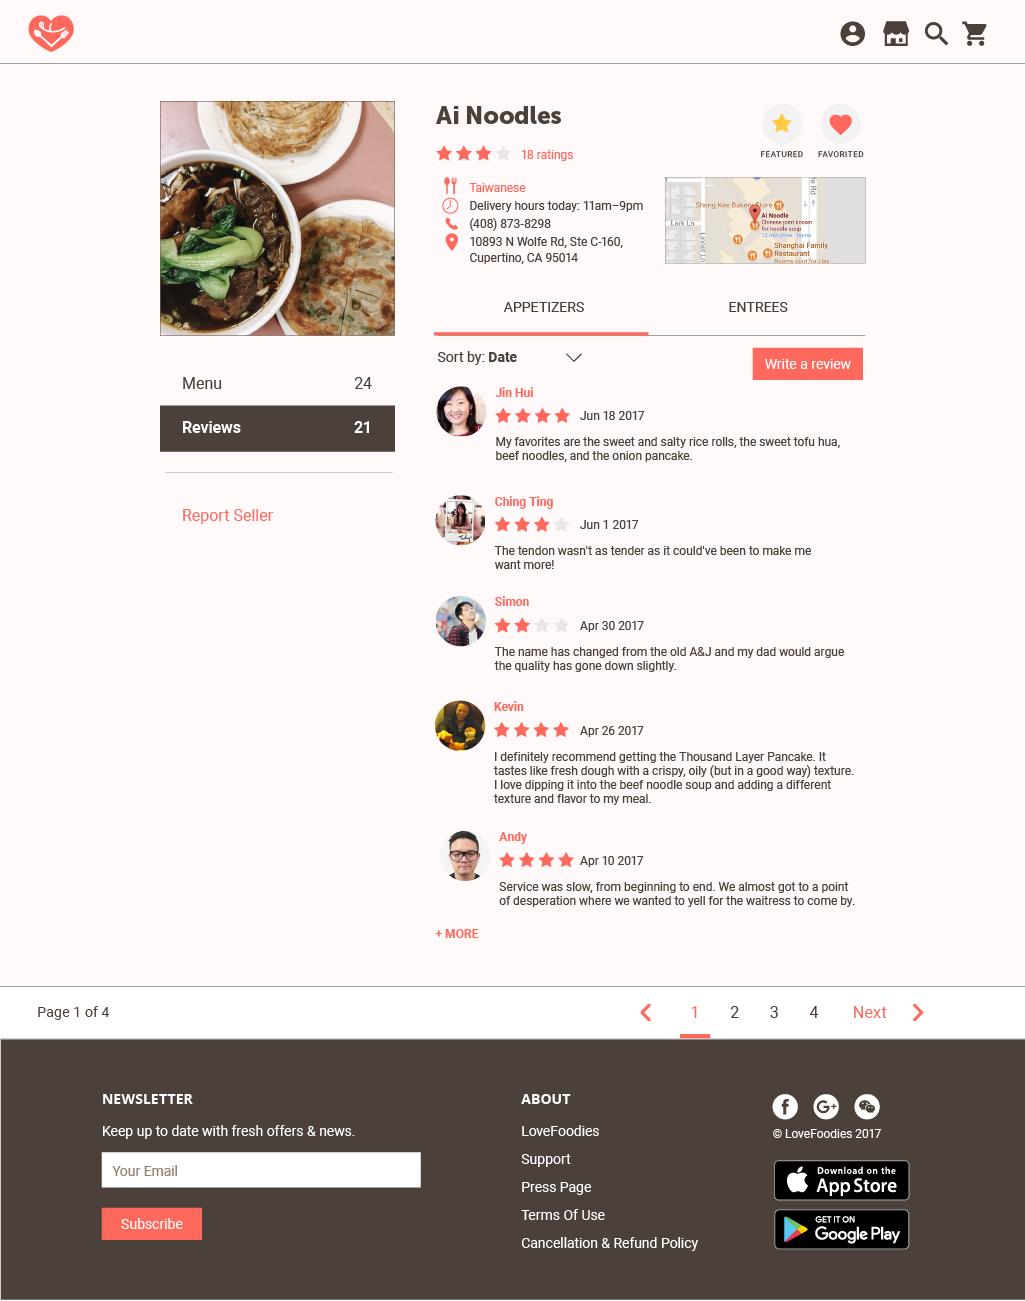 LoveFoodies-Website_Seller Store Reviews.png